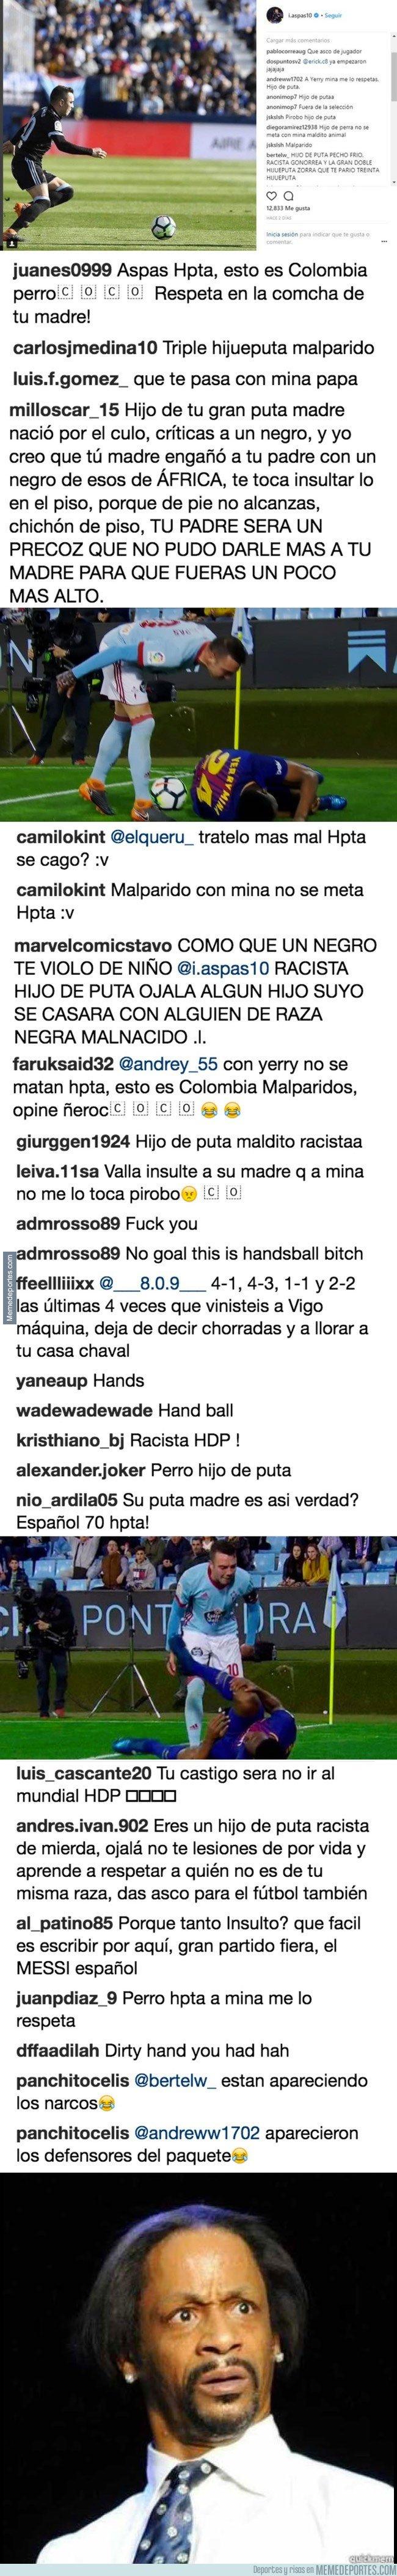 1030865 - Iago aspas se mete con Yerry Mina y no adivinas qué pasó en su perfil de Instagram